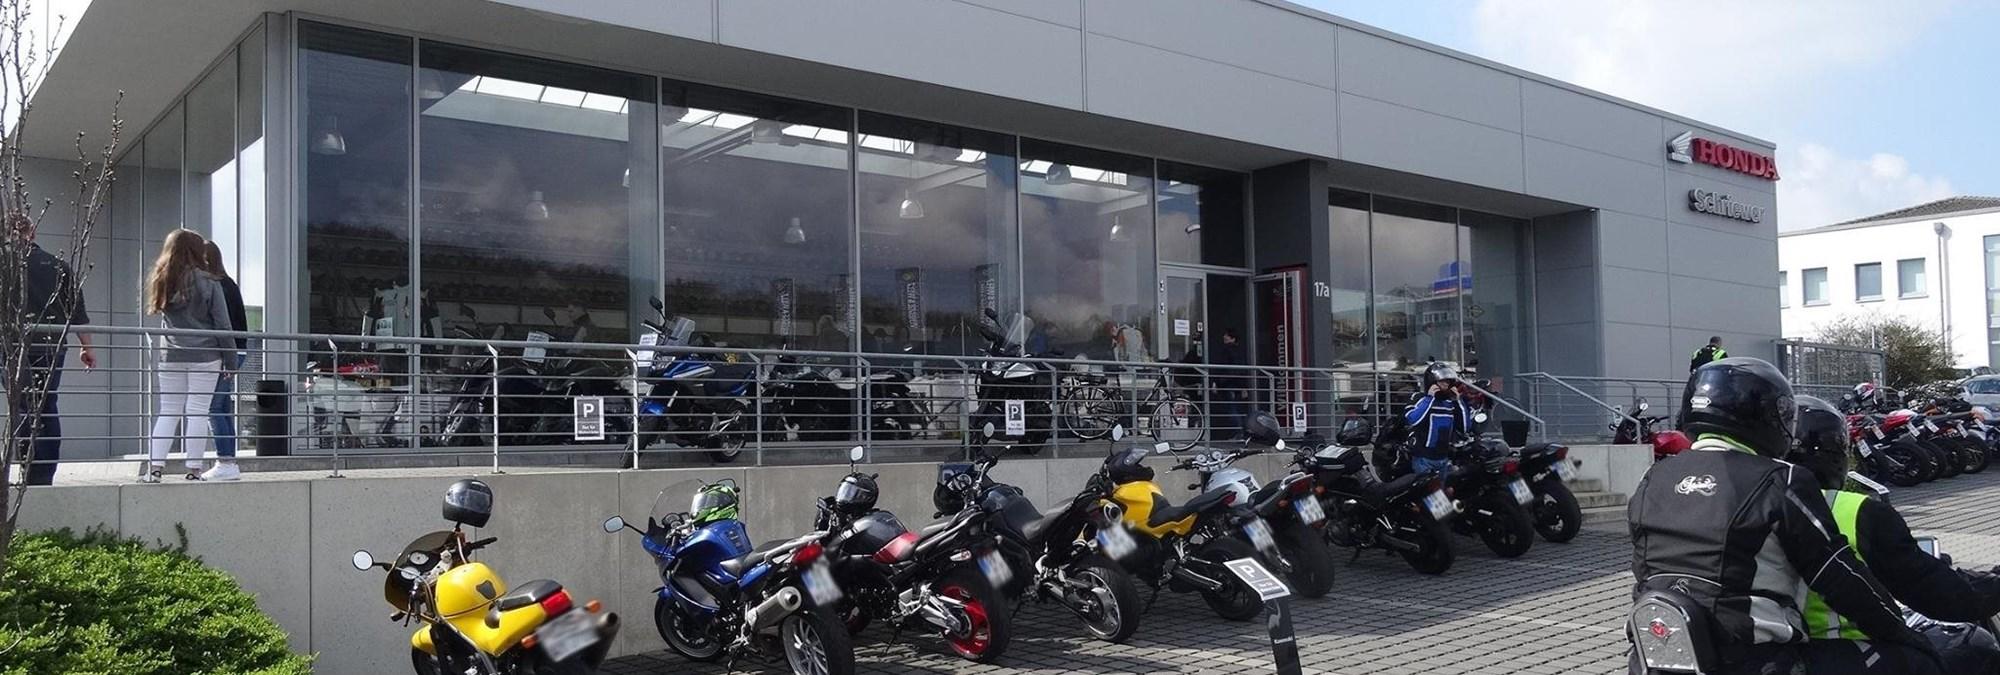 Willkommen bei Schriewer in Bissendorf - Ihrem Motorradpartner im Großraum Osnabrück!